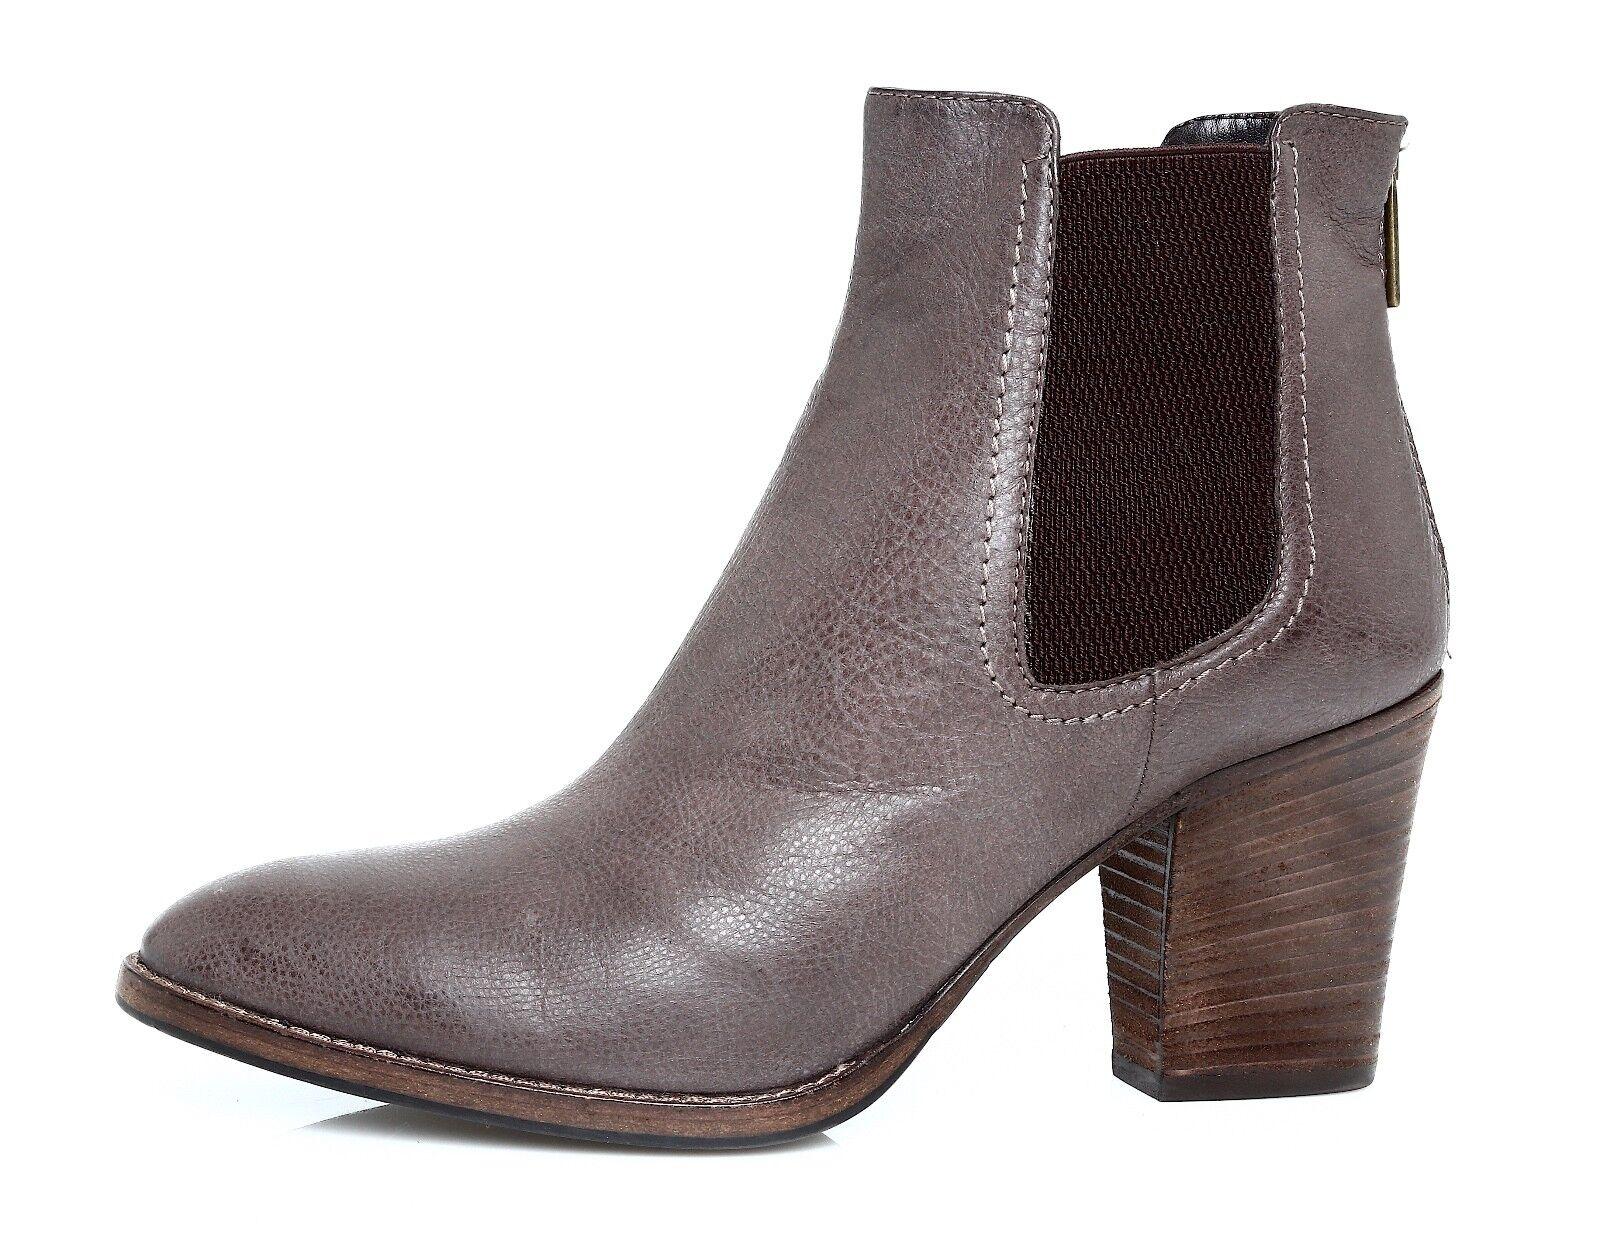 Aquatalia By Marvin K. Fabien Leather Women's Grey Booties Sz 10.5 4238 *